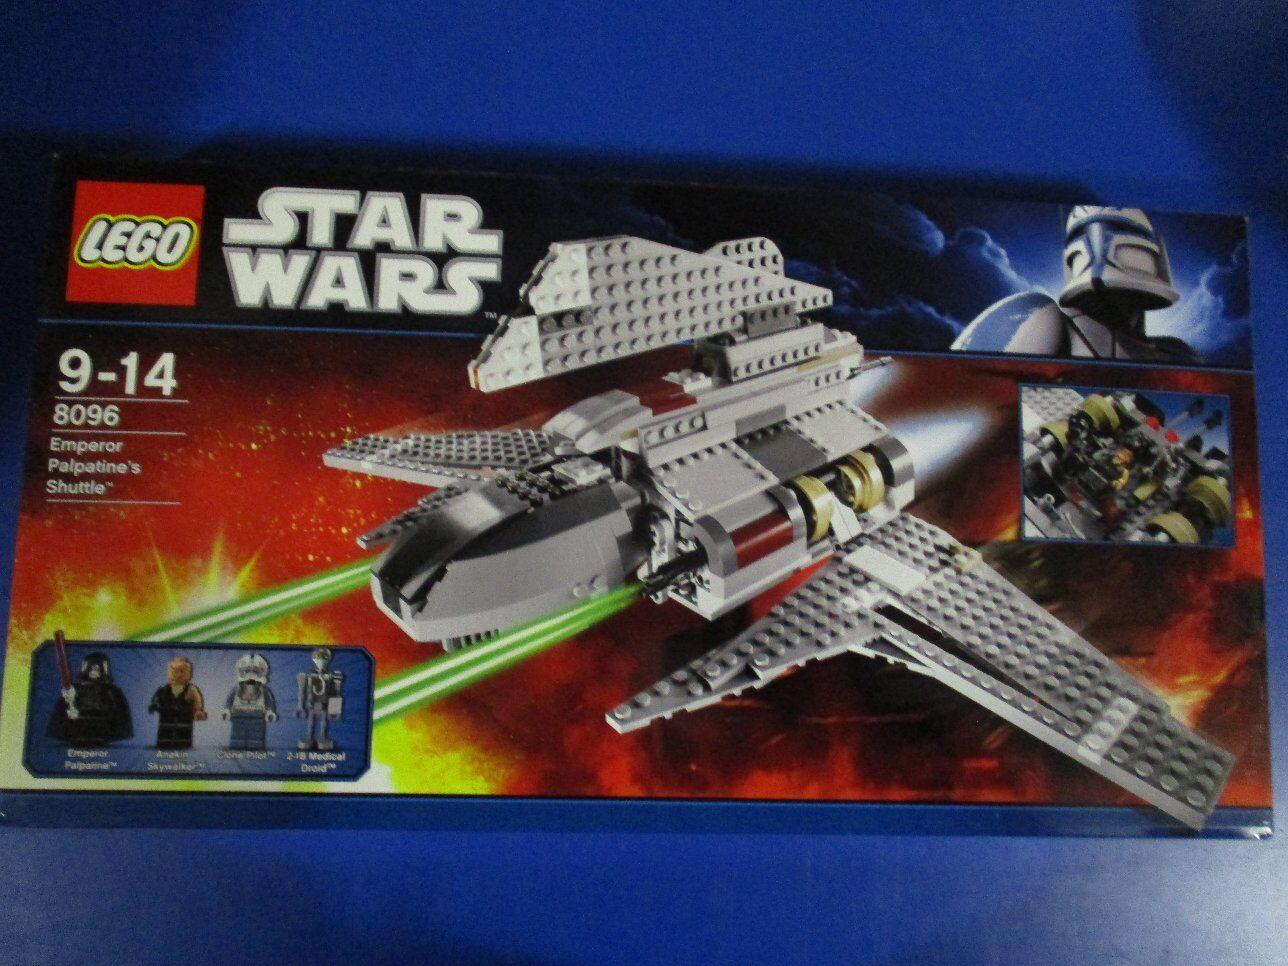 Lego Star Wars 8096  Emperor Palpatine's Shuttle nouveau OP  obtenir la dernière